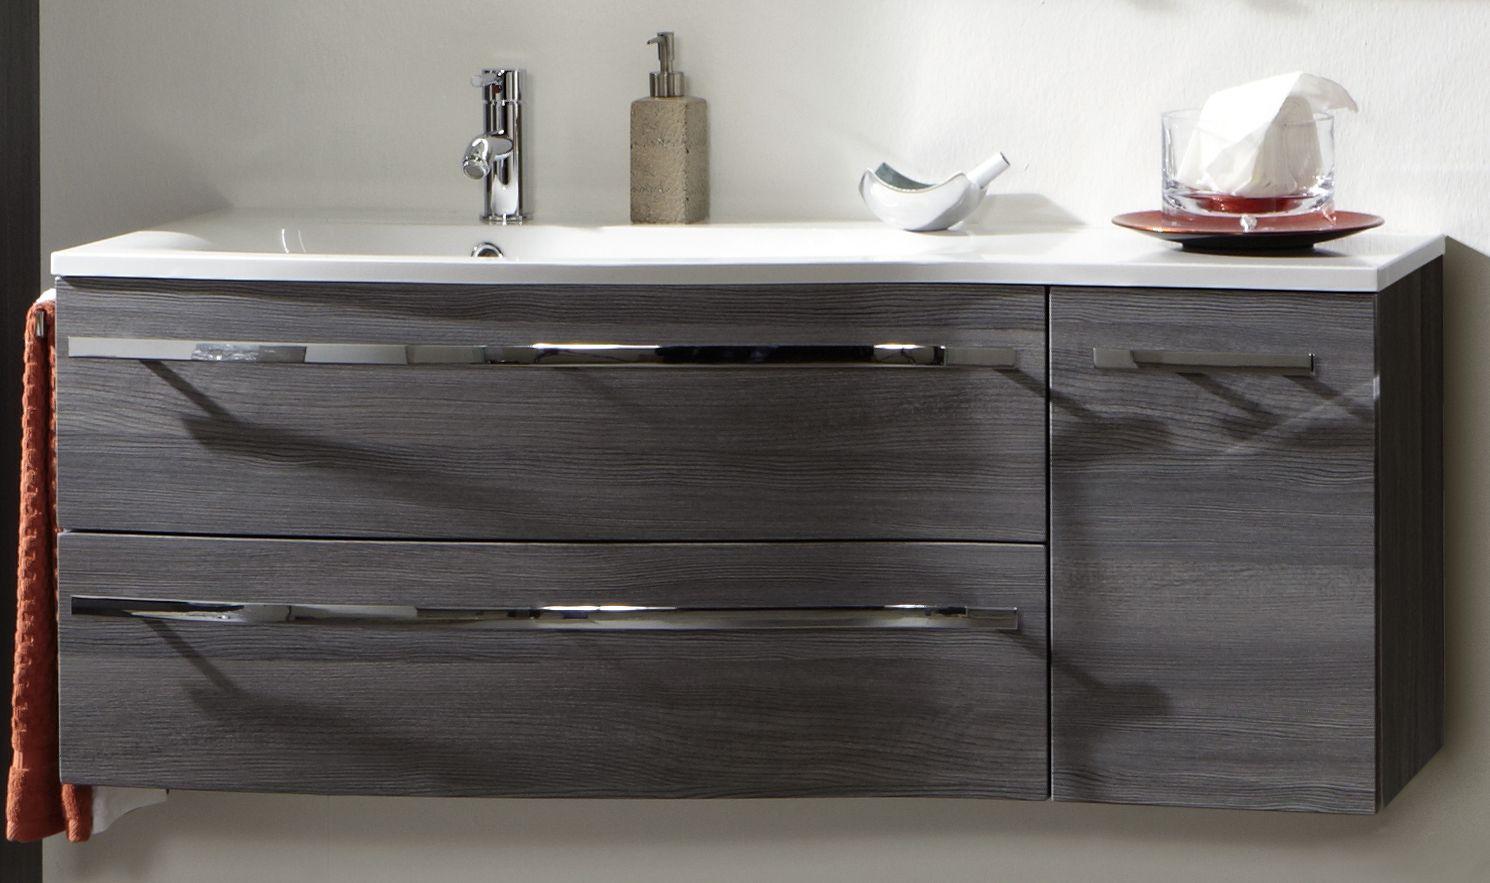 marlin bad 3160 motion 120 cm konfigurator ablage rechts g nstig kaufen m bel universum. Black Bedroom Furniture Sets. Home Design Ideas